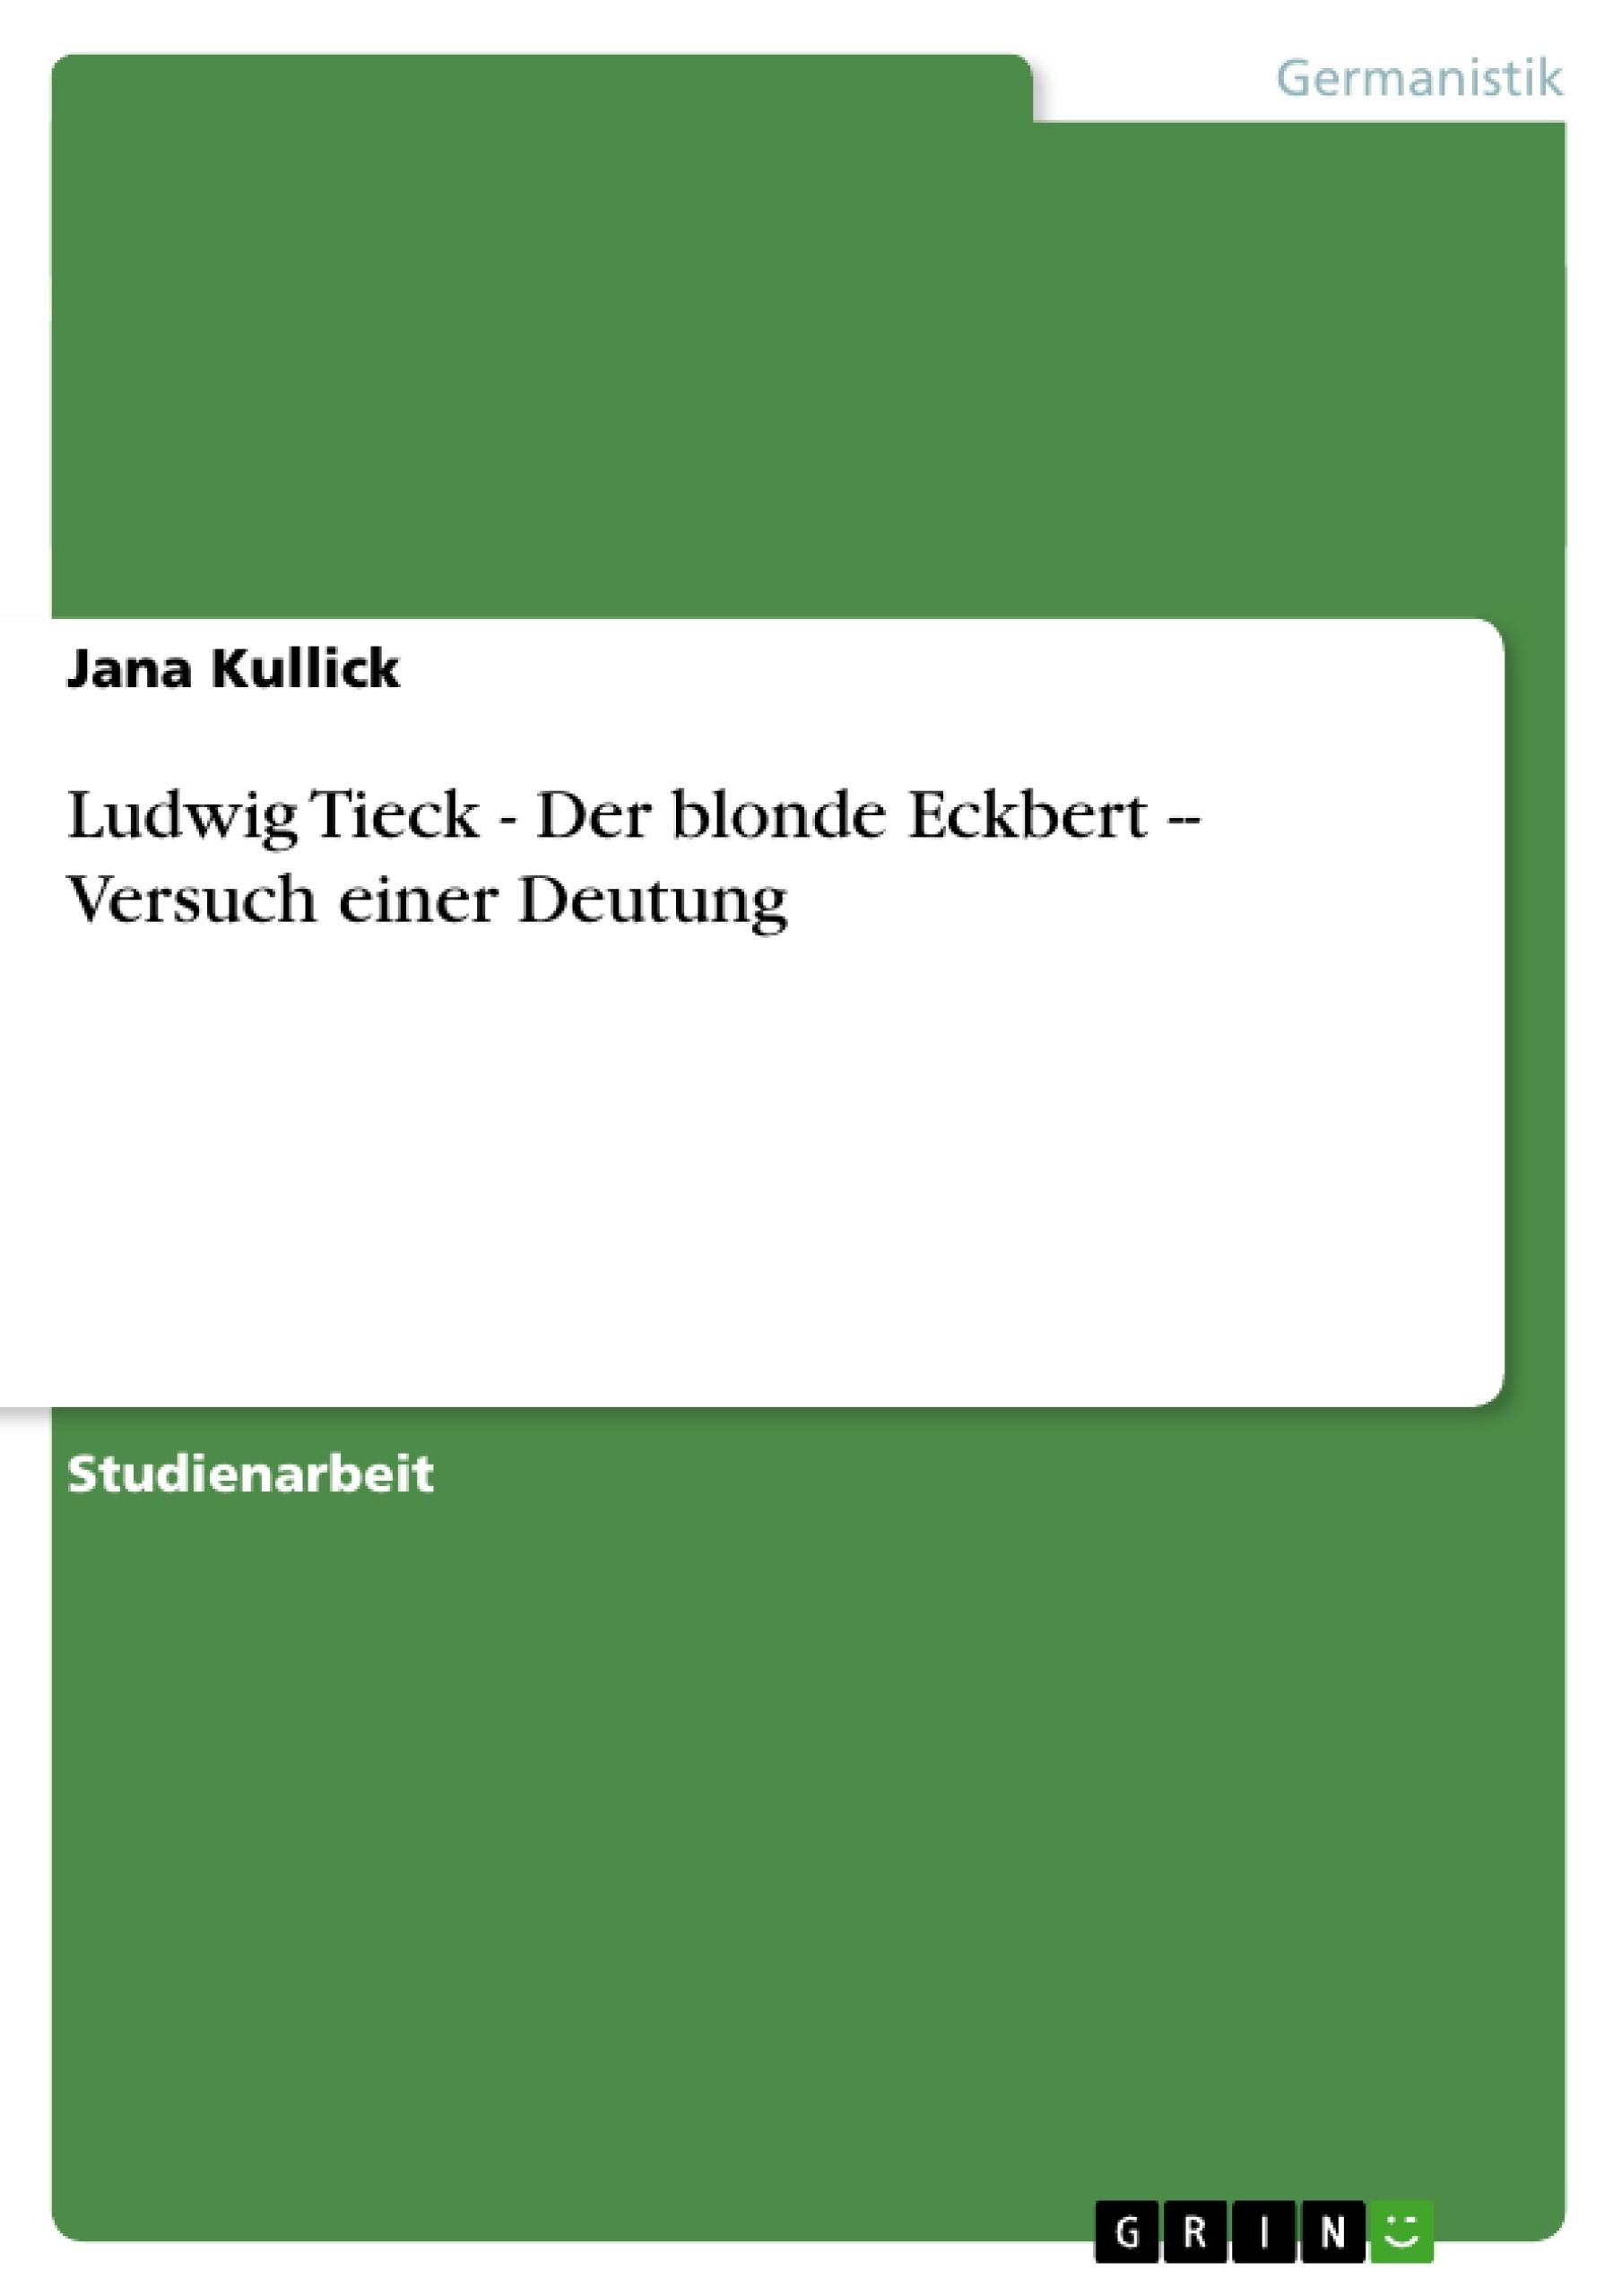 Titel: Ludwig Tieck - Der blonde Eckbert -- Versuch einer Deutung